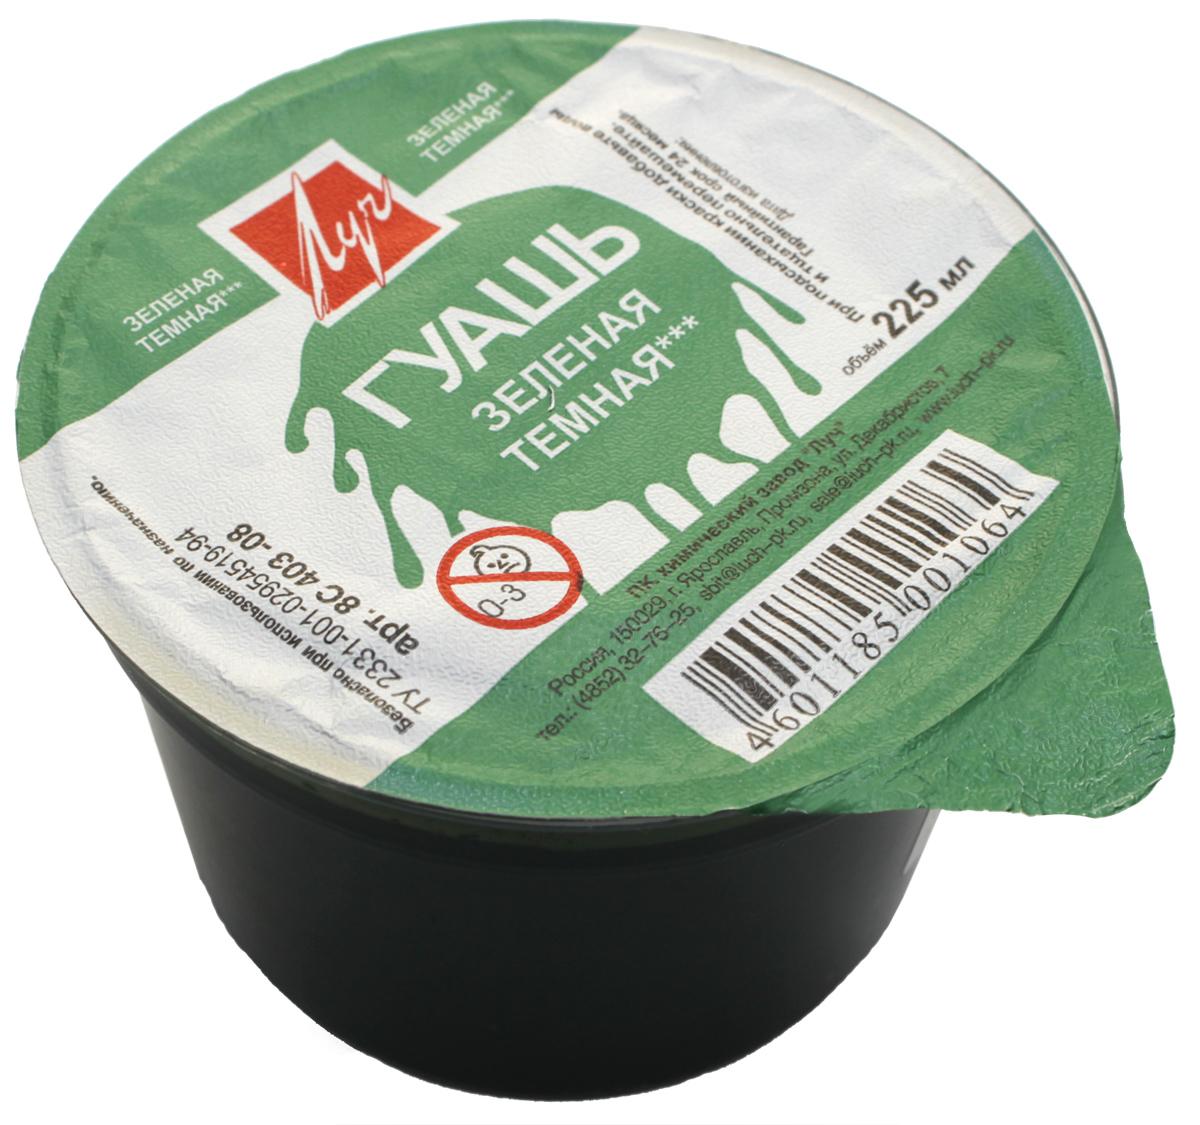 Луч Гуашь цвет темно-зеленый 225 мл8С 403-08Гуашевая краска идеальна для живописных, декоративных работ и графики. Она легко наносится на бумагу, картон и грунтованный холст. При высыхании приобретает бархатистую поверхность и легко размывается водой. Прозрачная, водоразбавляемая, быстро сохнет. Масса: 320 г.